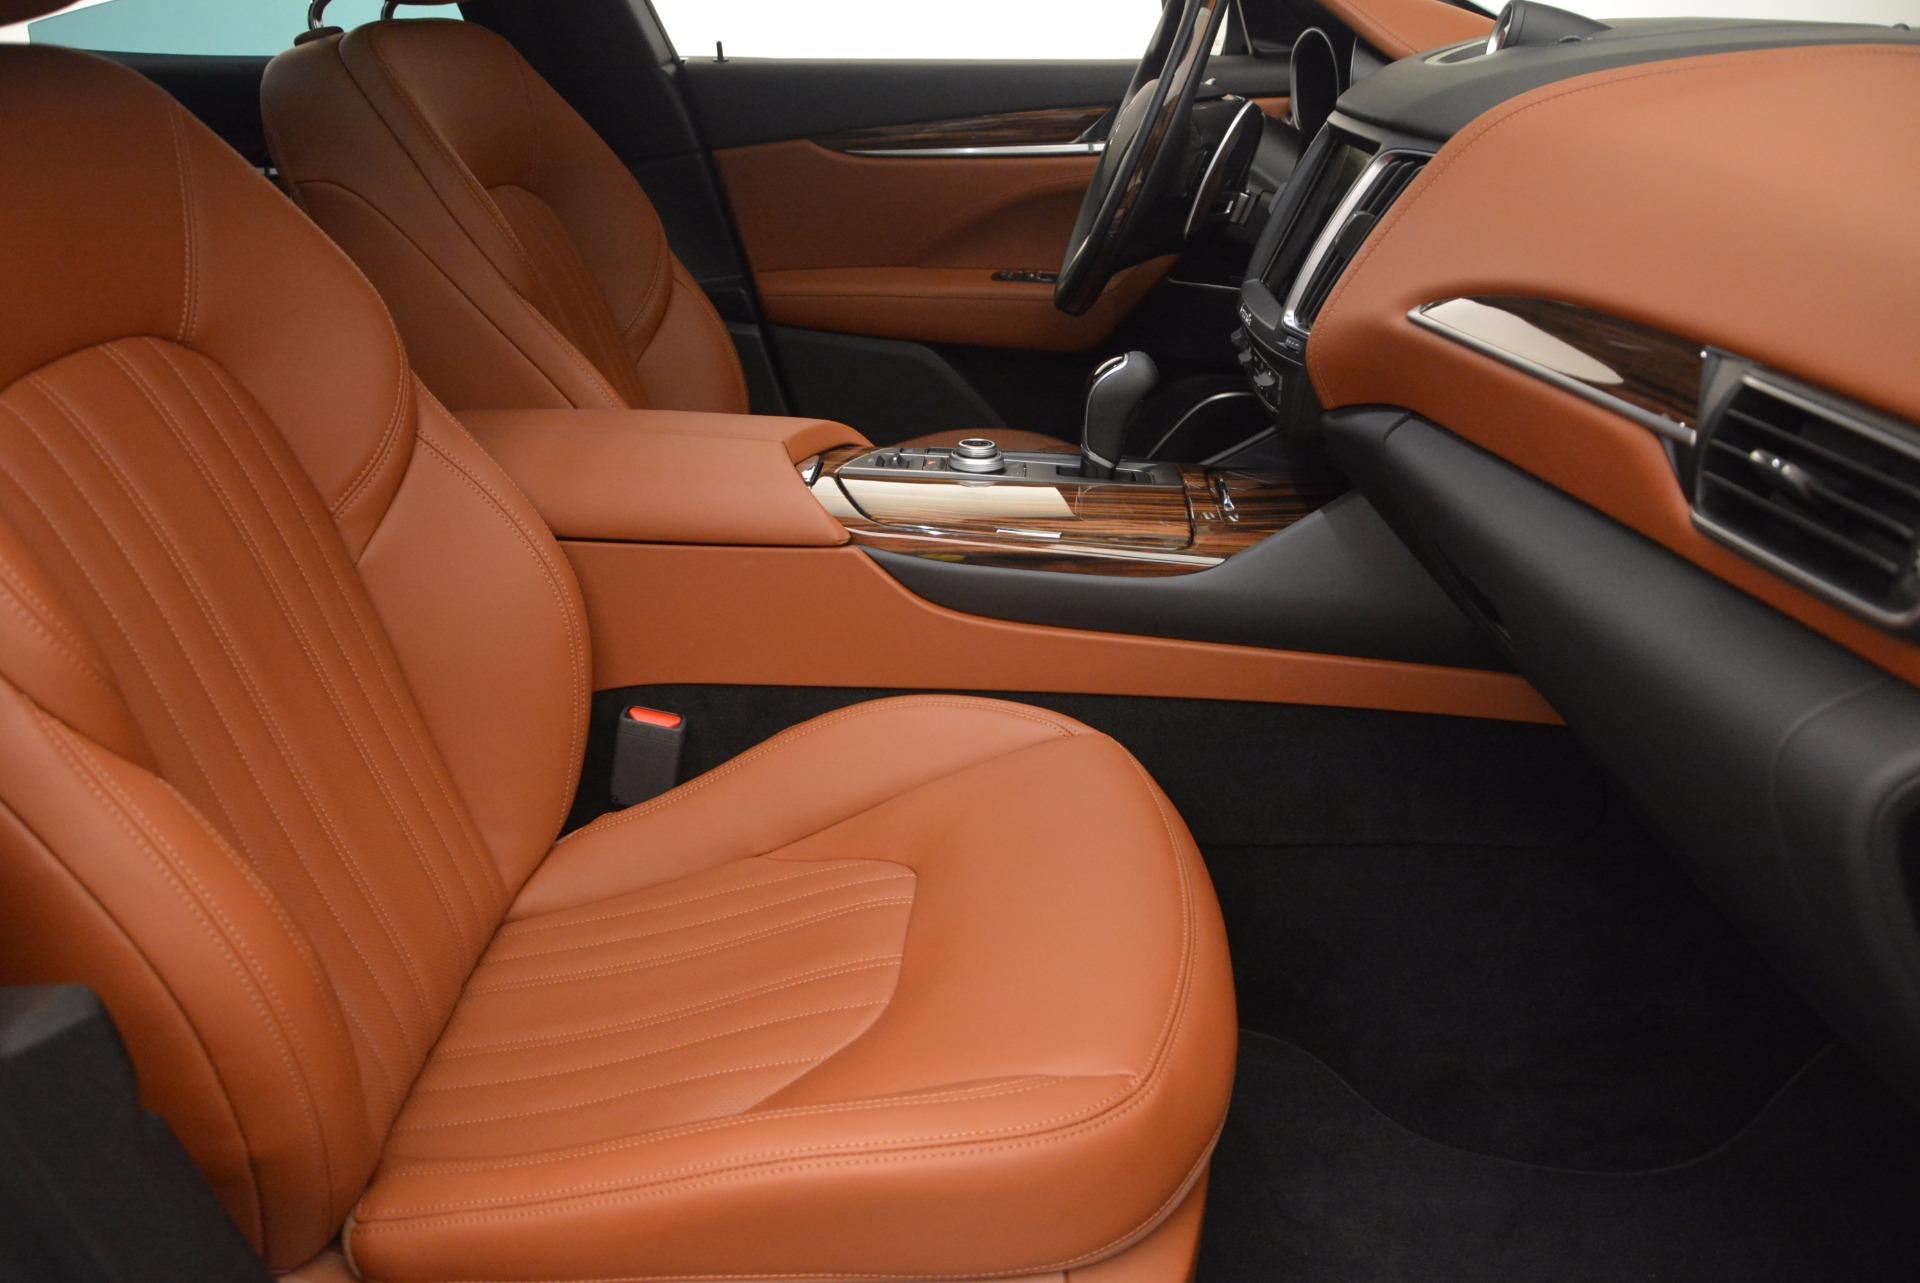 Used 2017 Maserati Levante S For Sale In Greenwich, CT 752_p27